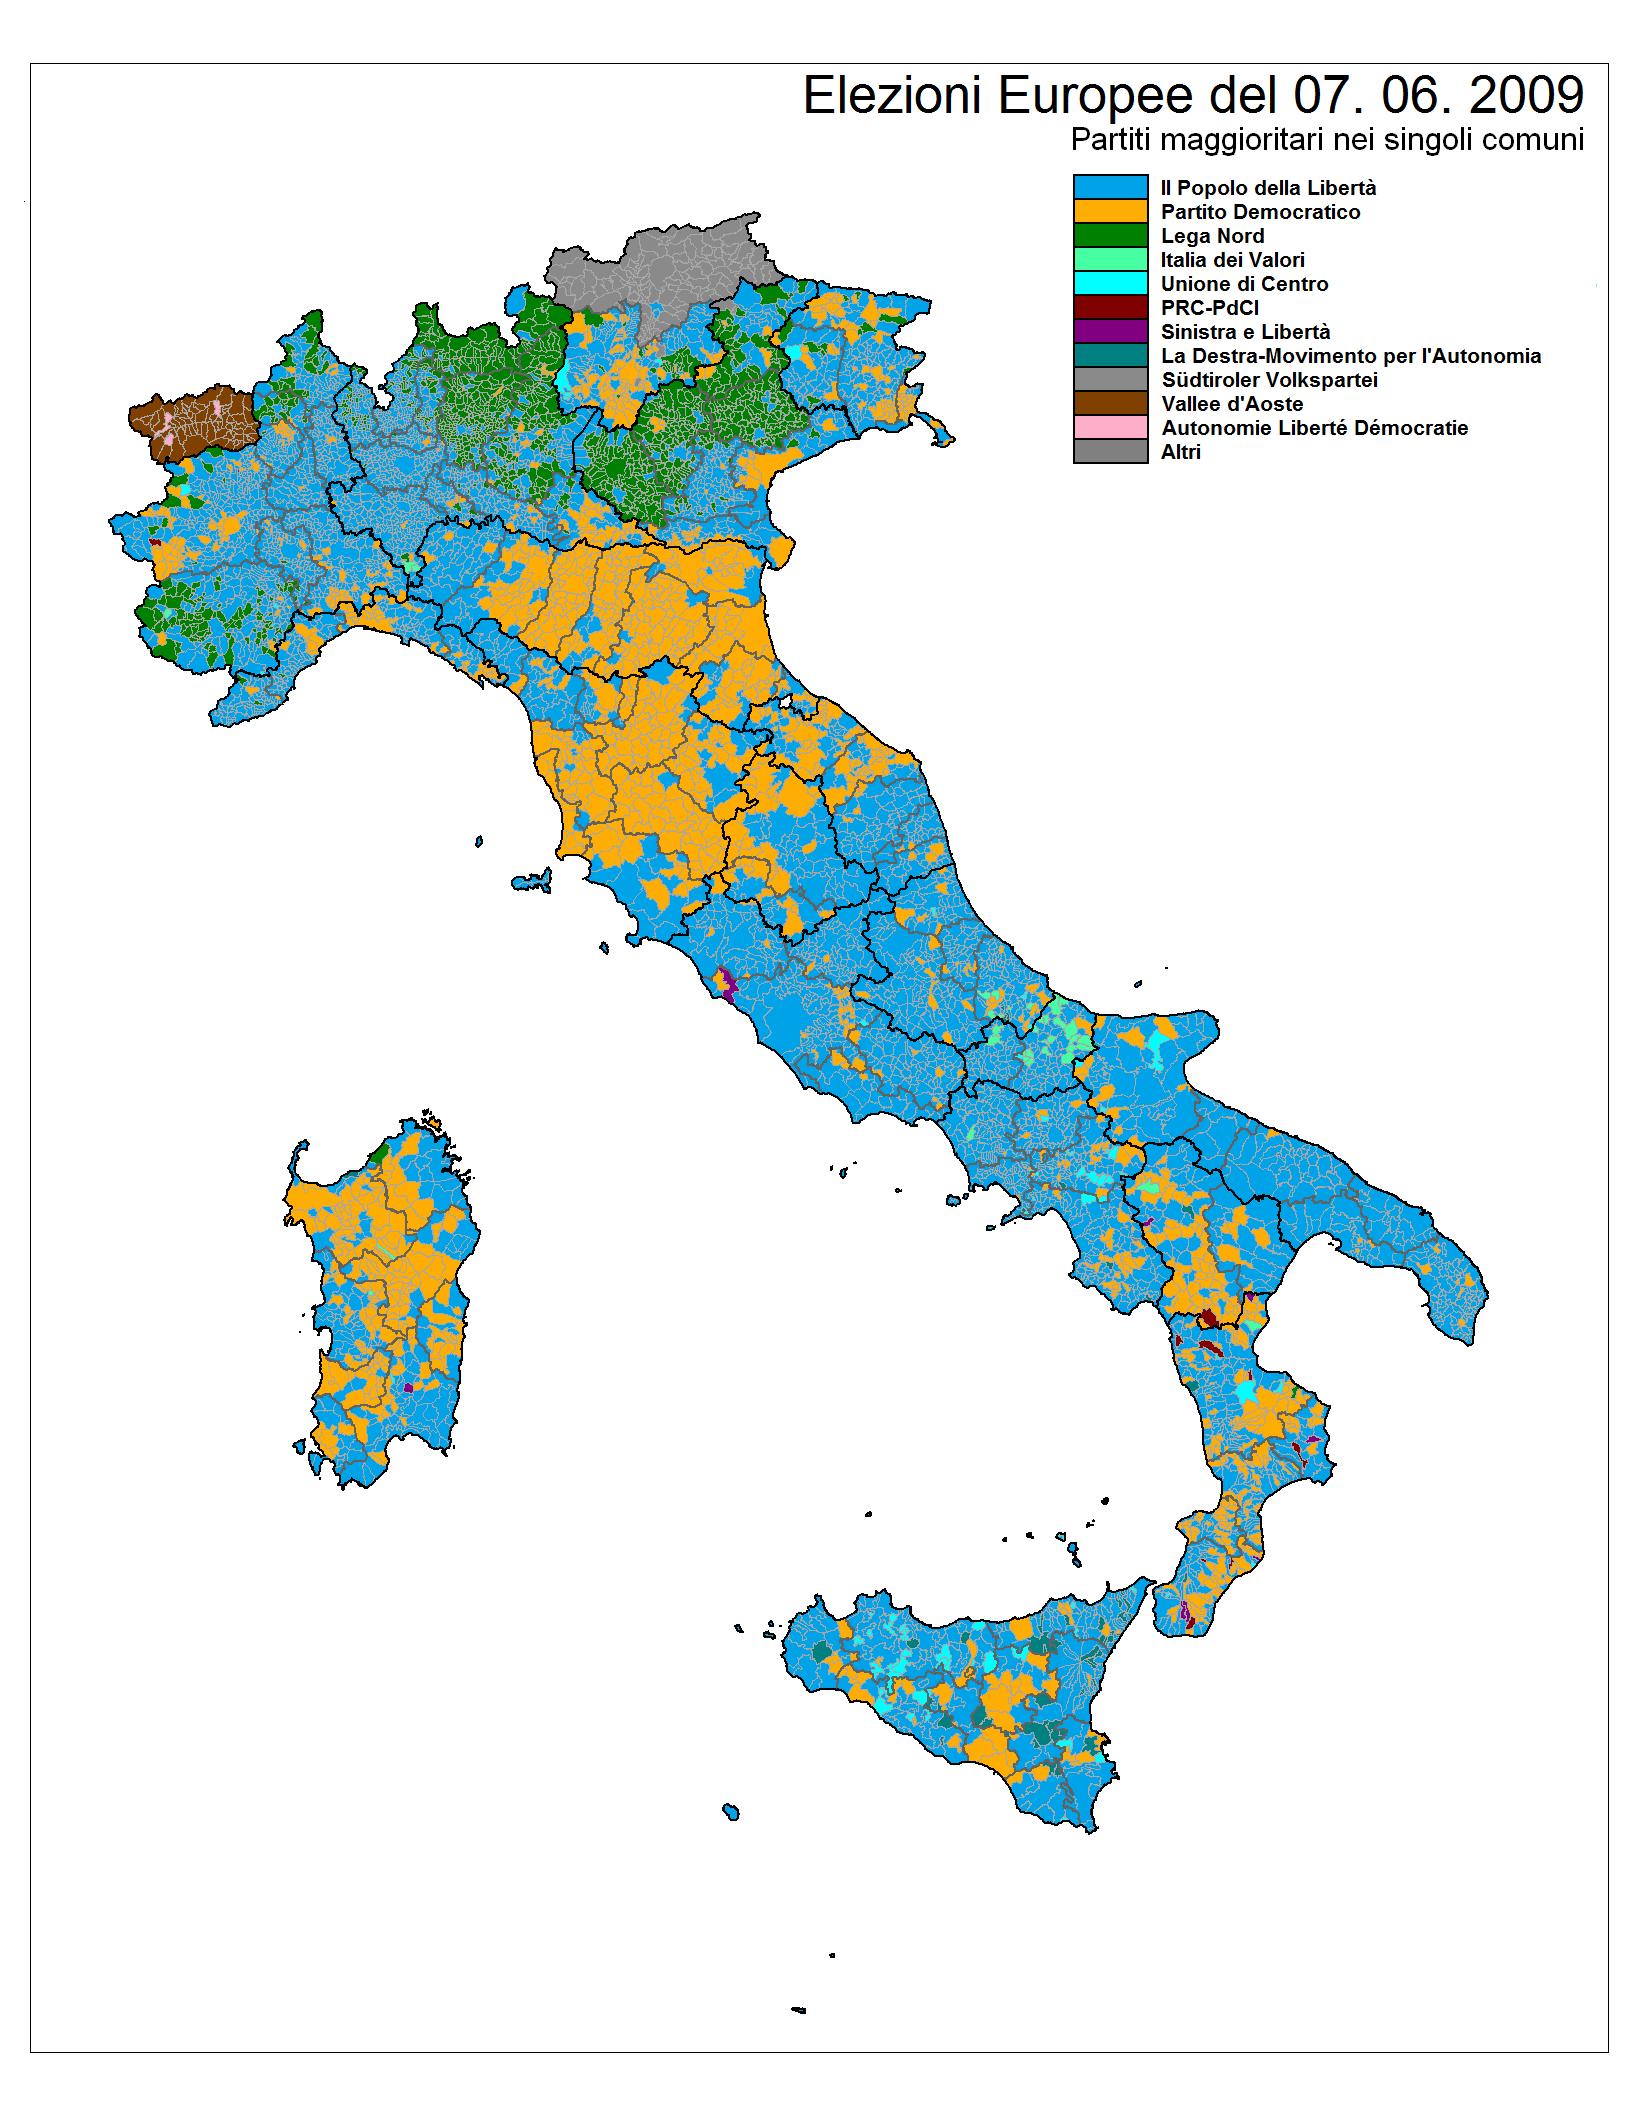 Elezioni europee del 2009 (Italia) - Wikipedia